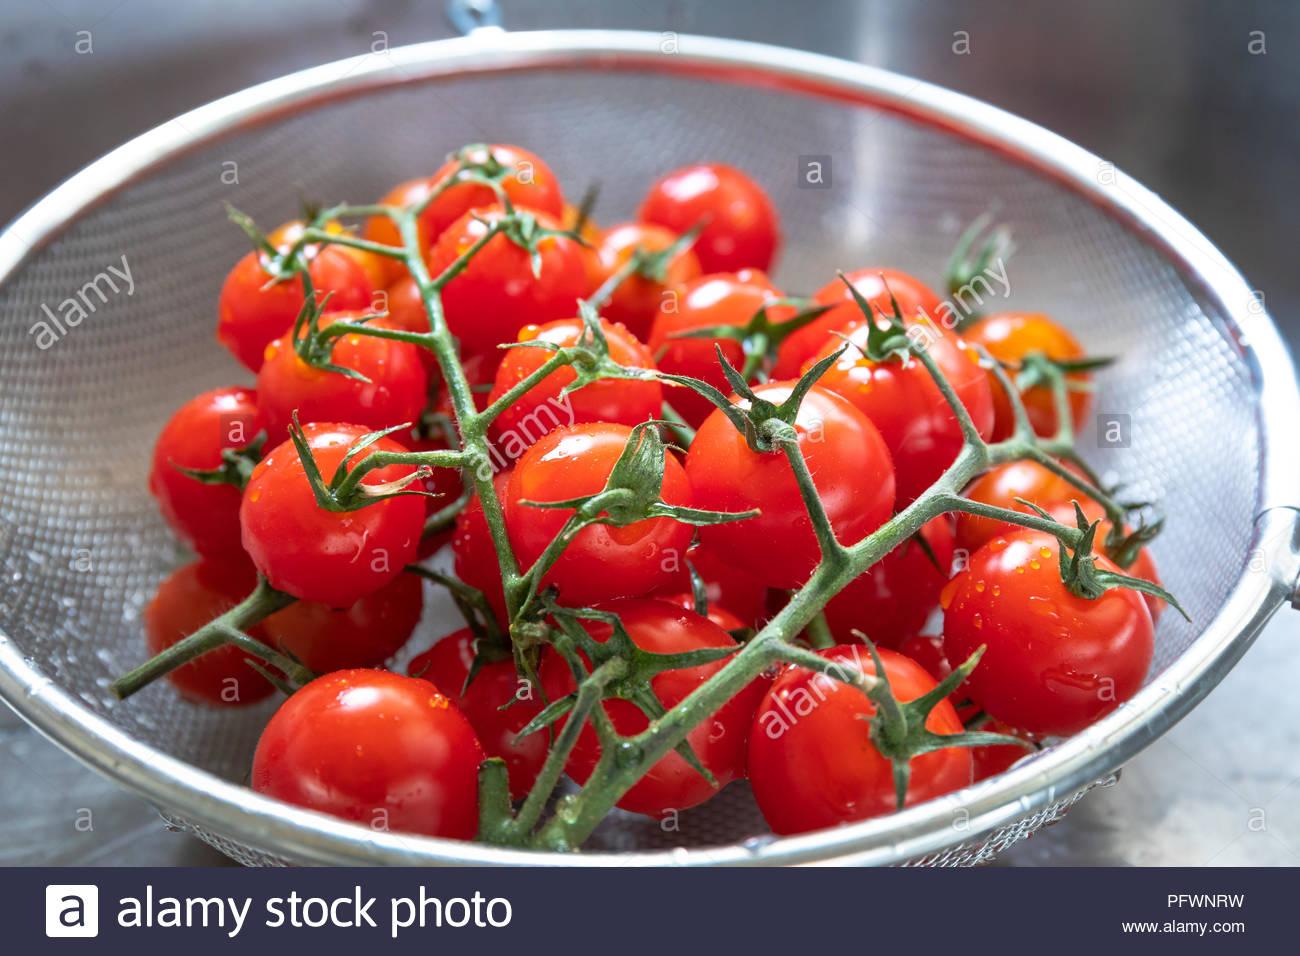 Freshly Washed Tomatoes On Vine - Stock Image